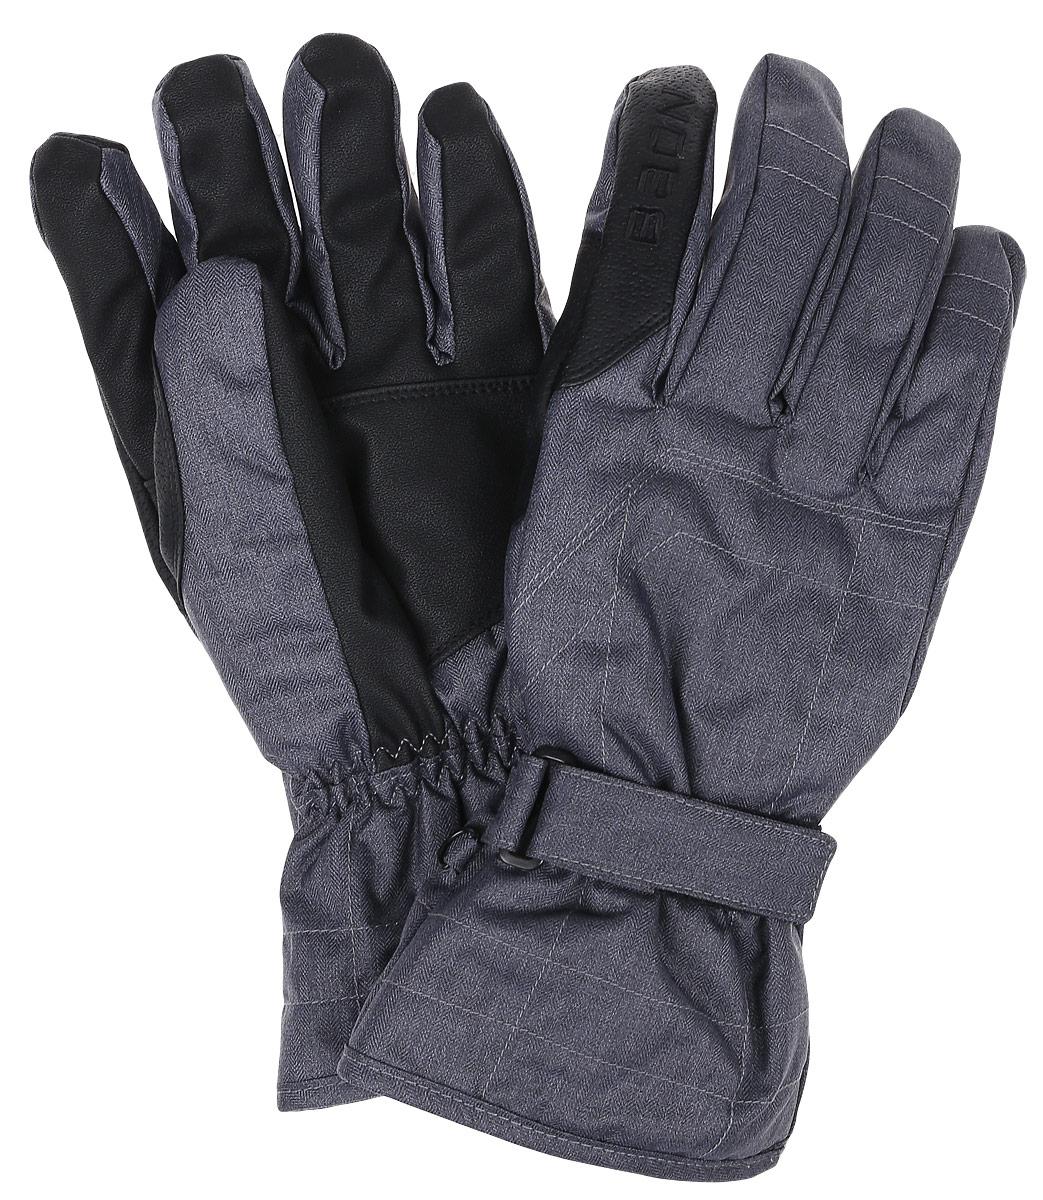 Перчатки мужские Baon, цвет: серый. B866506. Размер M (48)B866506_MARENGO MELANGEГорнолыжные перчатки Baon разработаны специально для поклонников зимних видов спорта. Модель легко снимается и в то же время надежно фиксируется на руке благодаря эластичной вставке на манжете и клапану на липучке, регулирующему объем. Подкладка изделия выполнена из мягкого полиэстера. Ладонная часть выполнена из прочного материала, препятствующего скольжению. Для удобного хранения перчатки оснащены пластиковой застежкой, соединяющей их вместе.